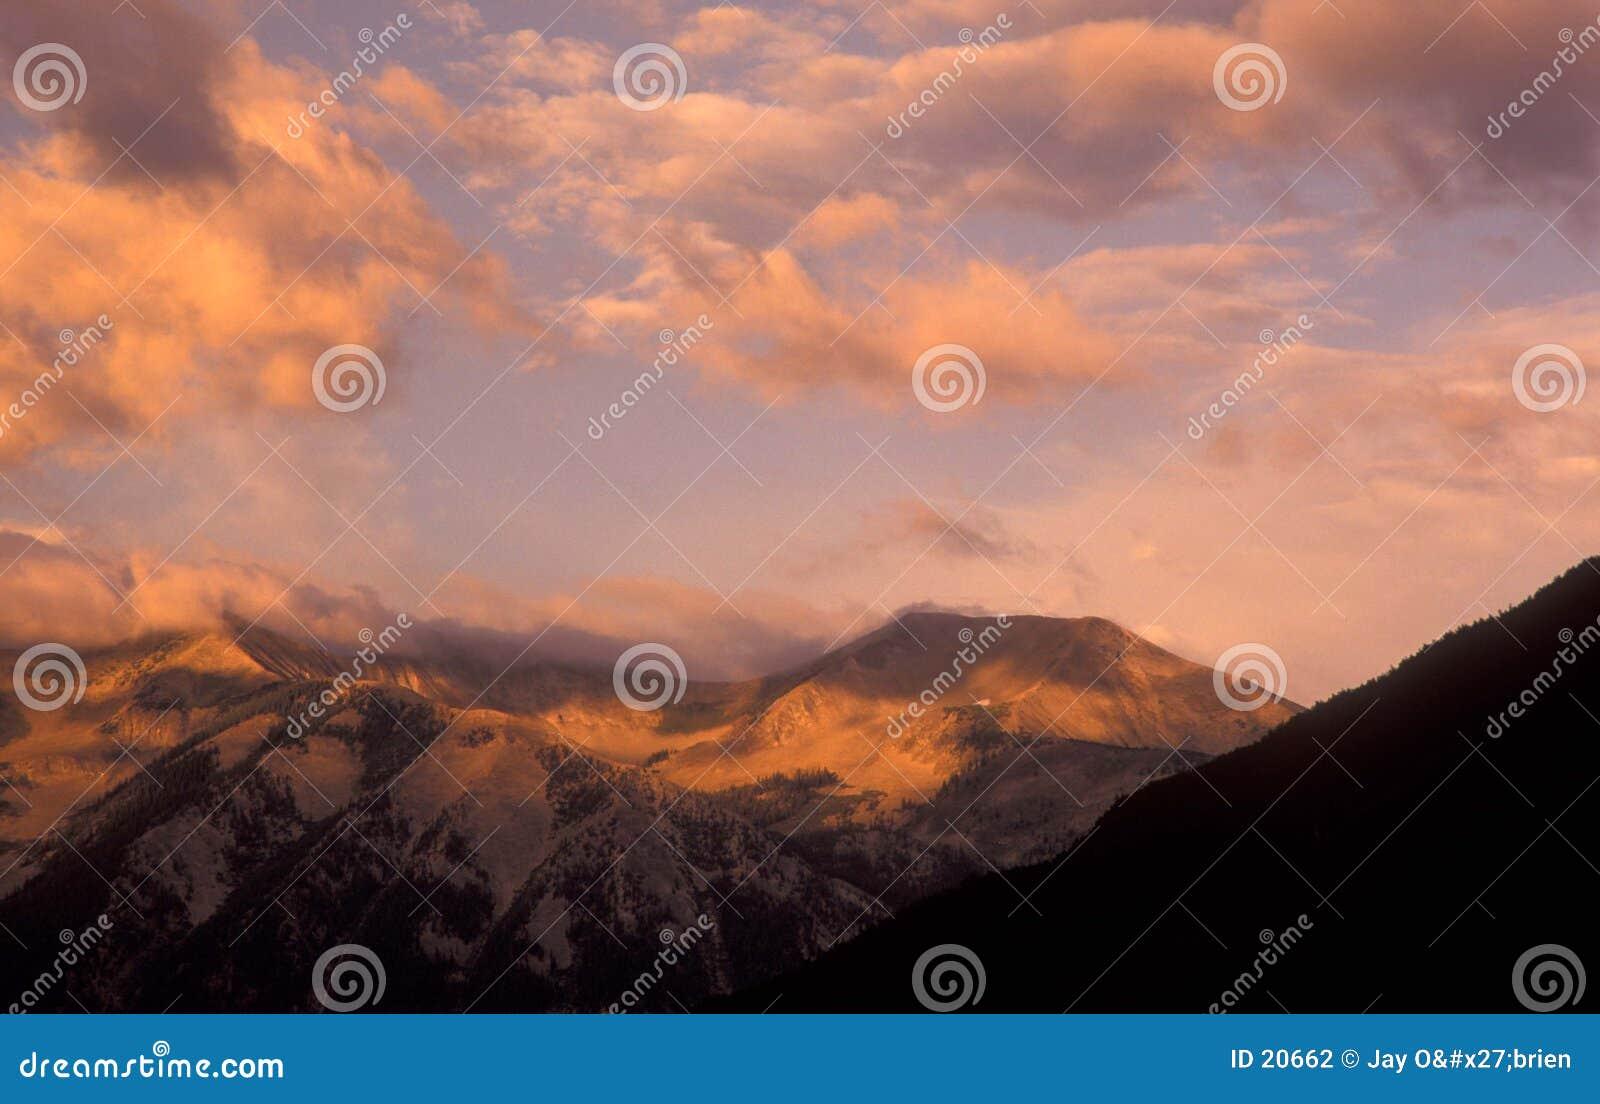 Butte som krönas över soluppgång